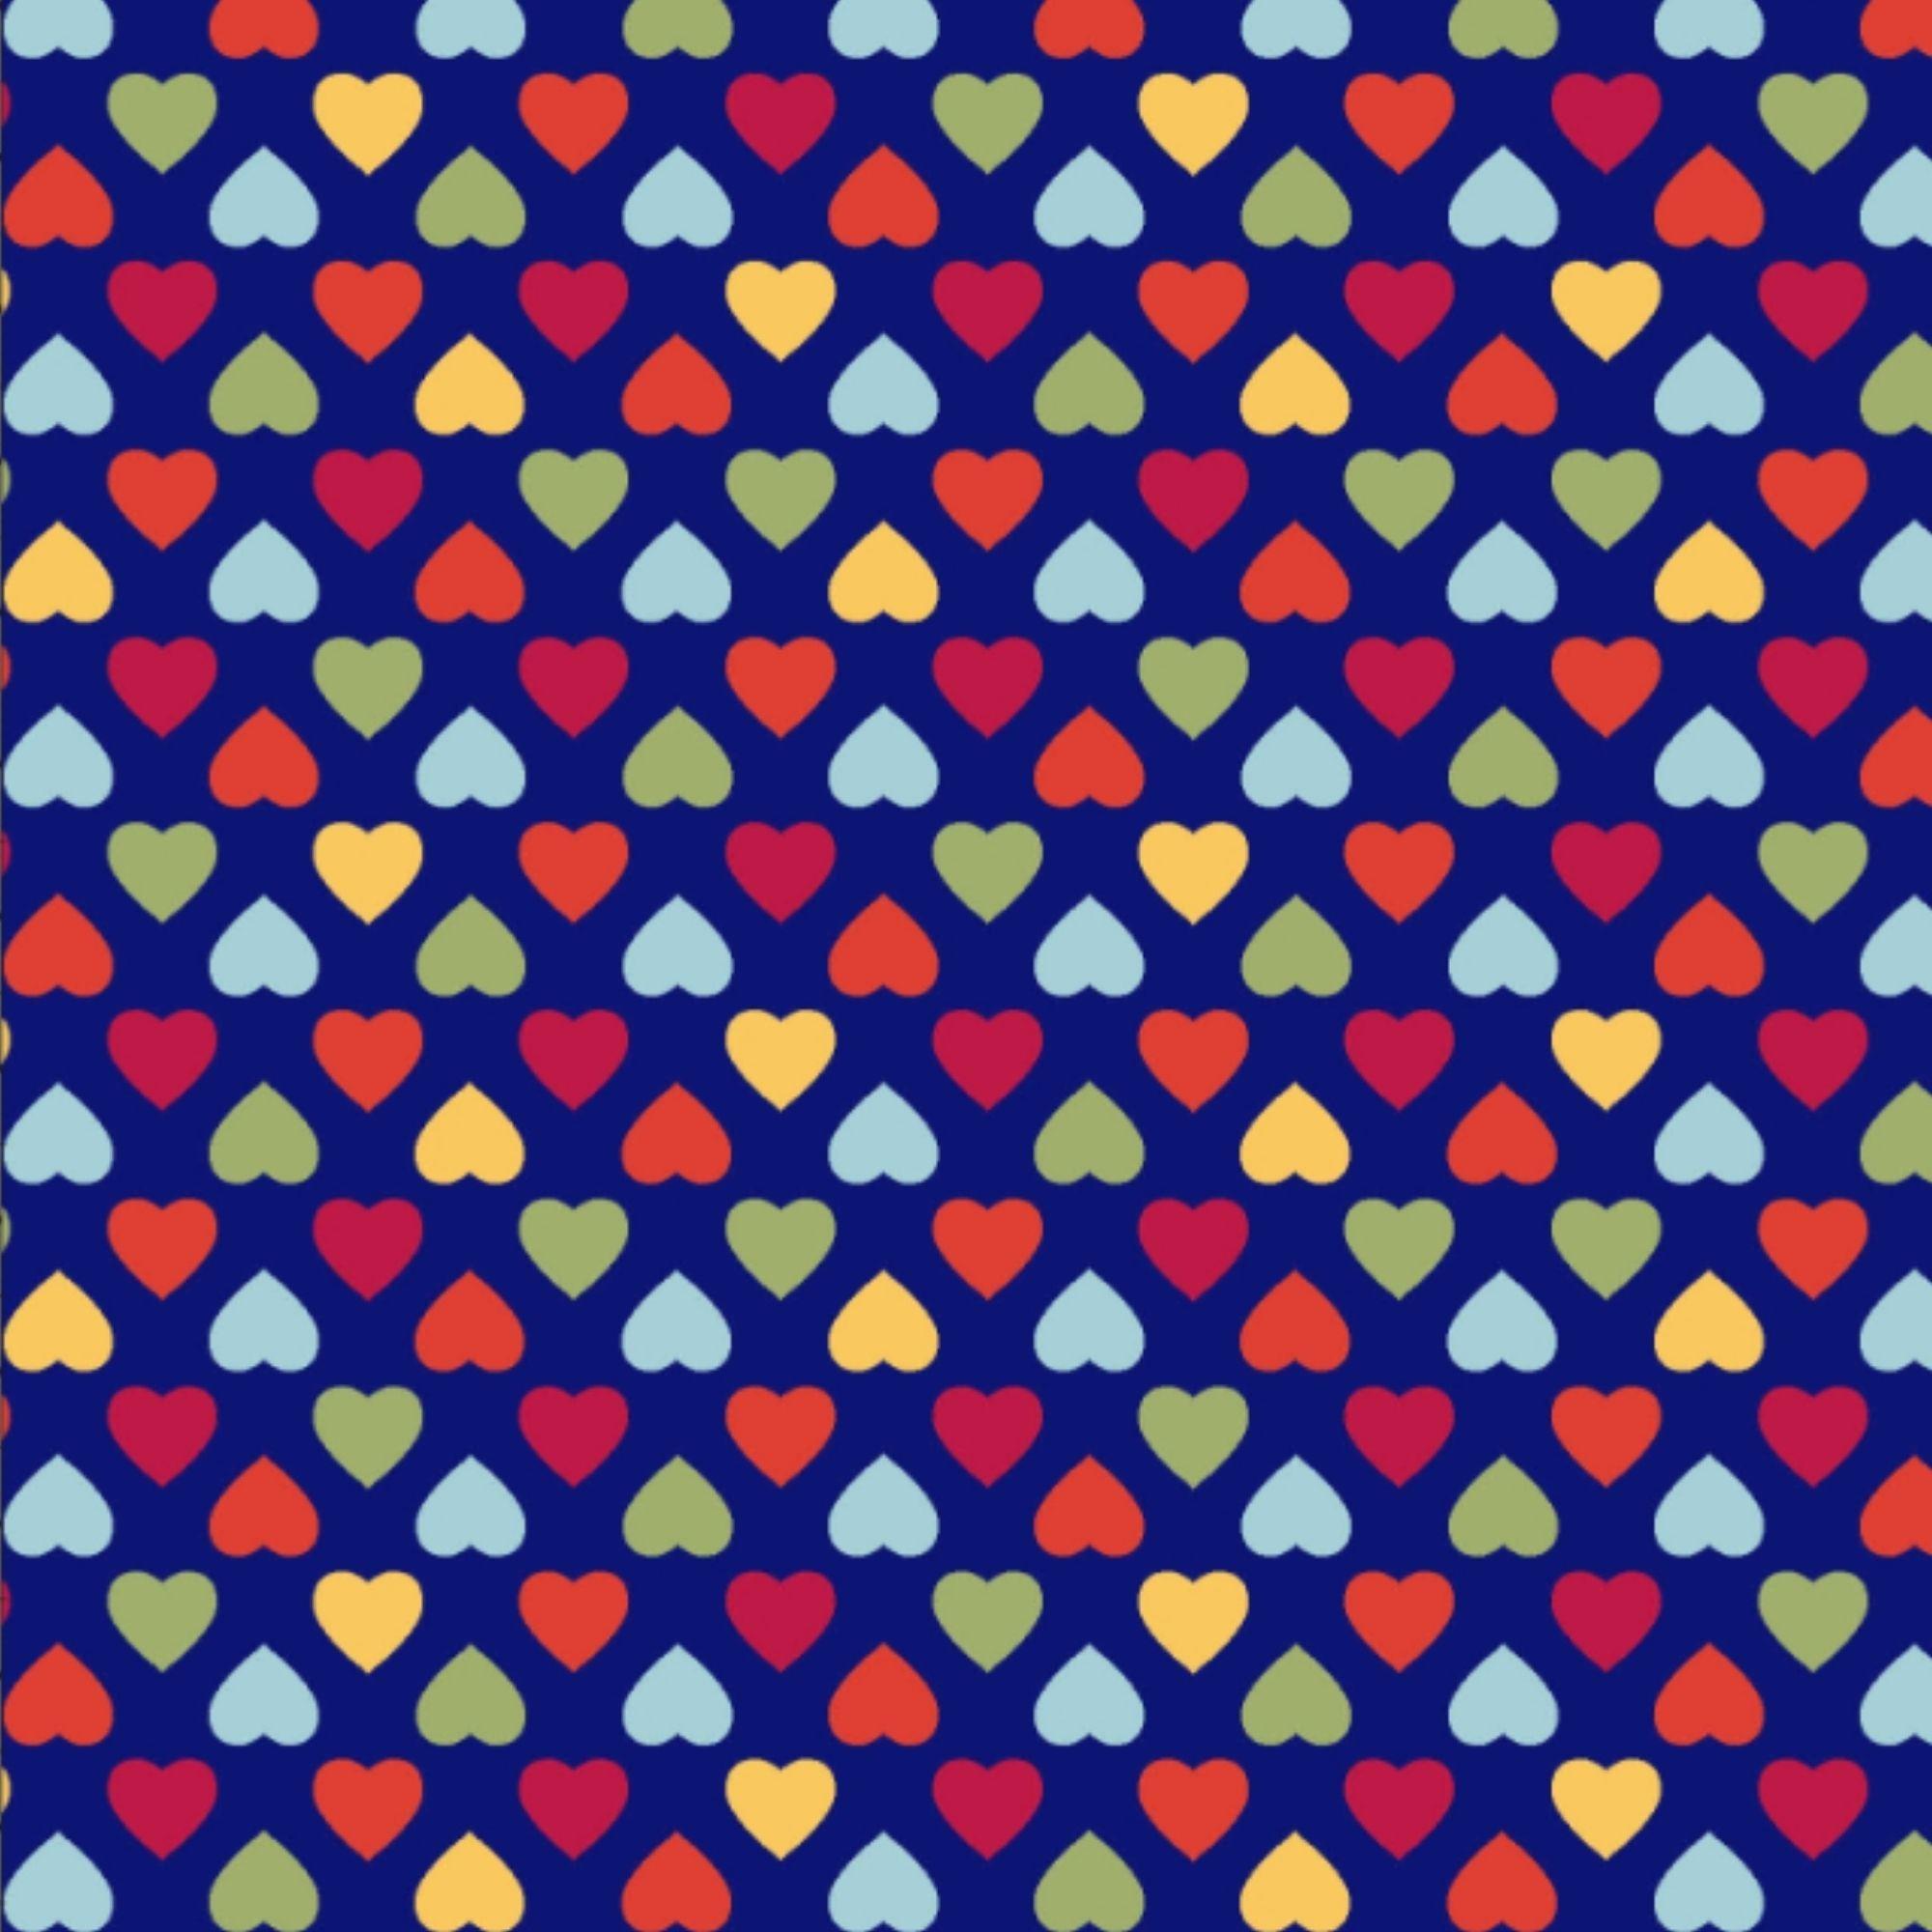 Tecido Tricoline  Estampa Corações Coloridos - Fundo Azul Marinho - Coleção Amor Amour Amore Love